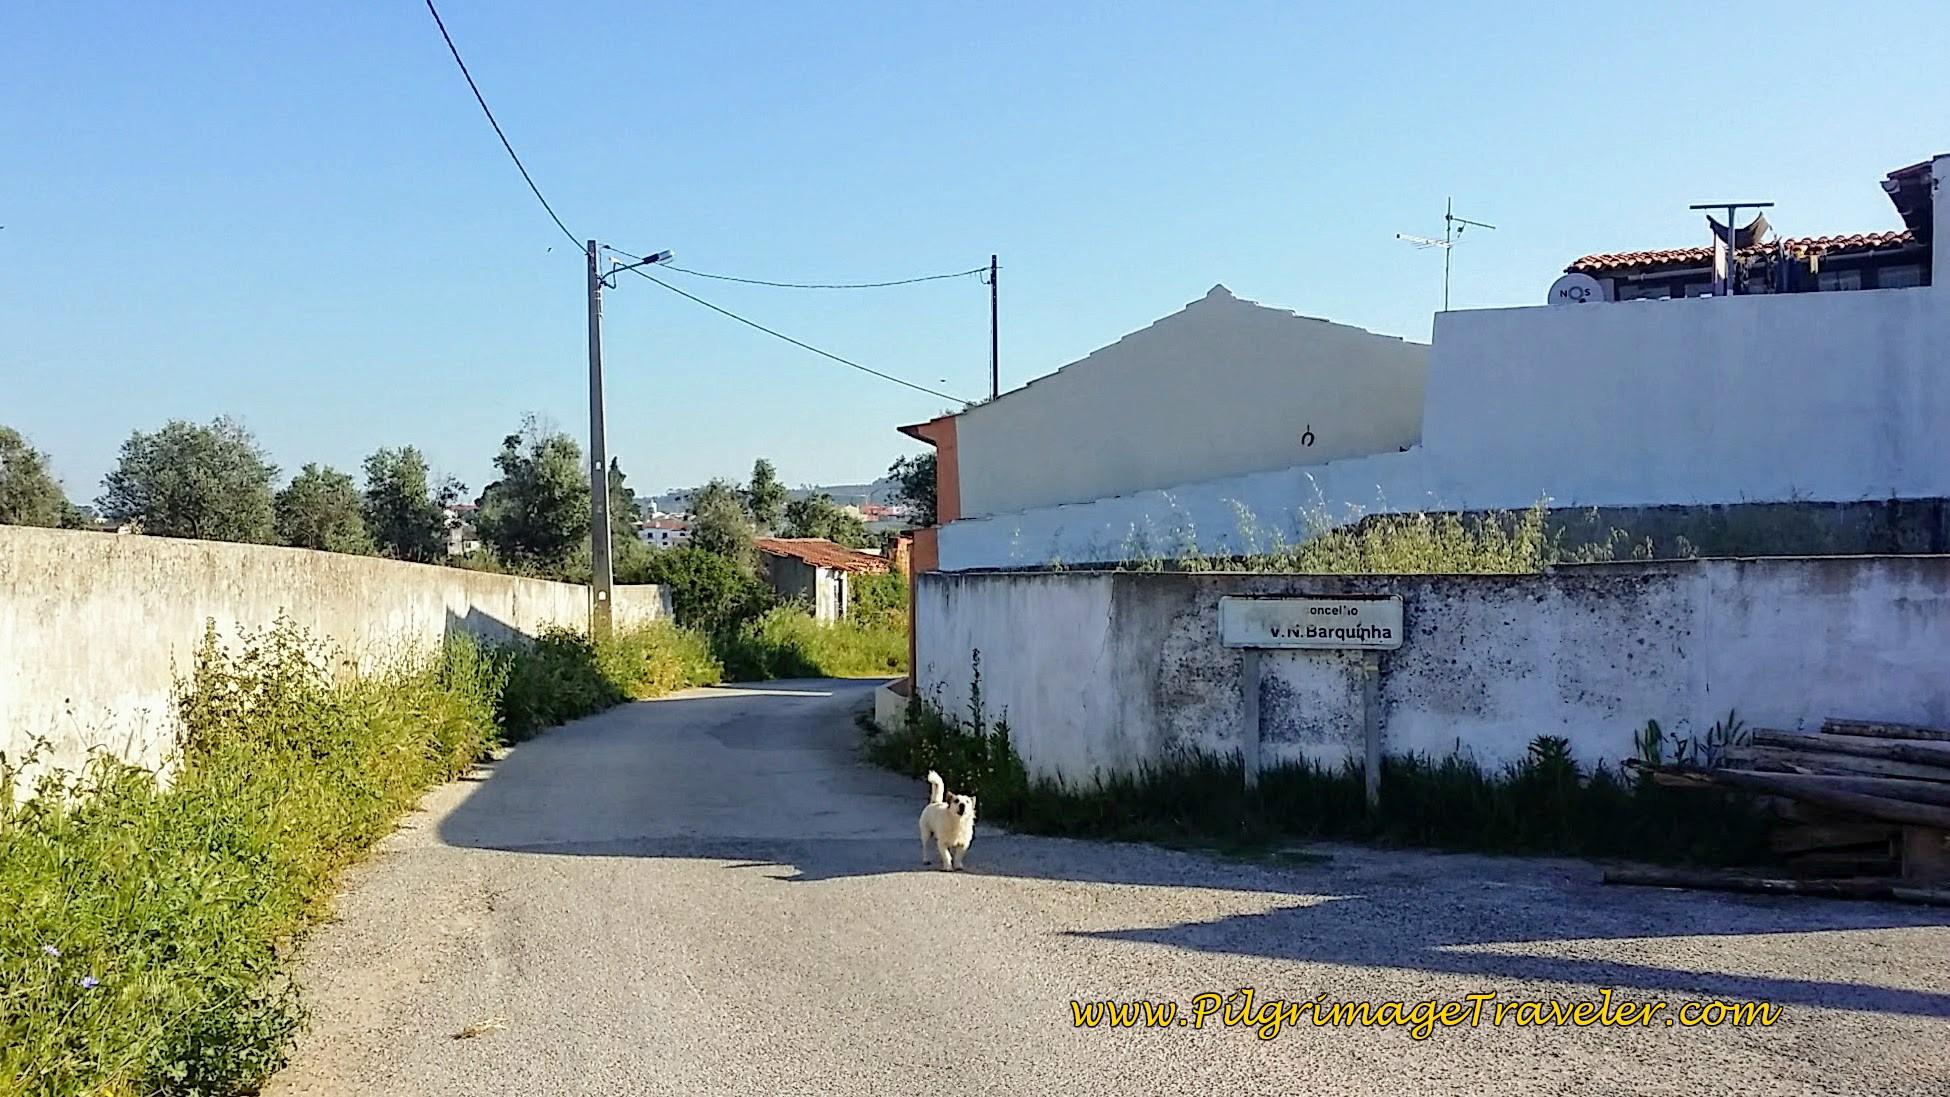 Doggie Welcomes Us to Vila Nova da Barquinha